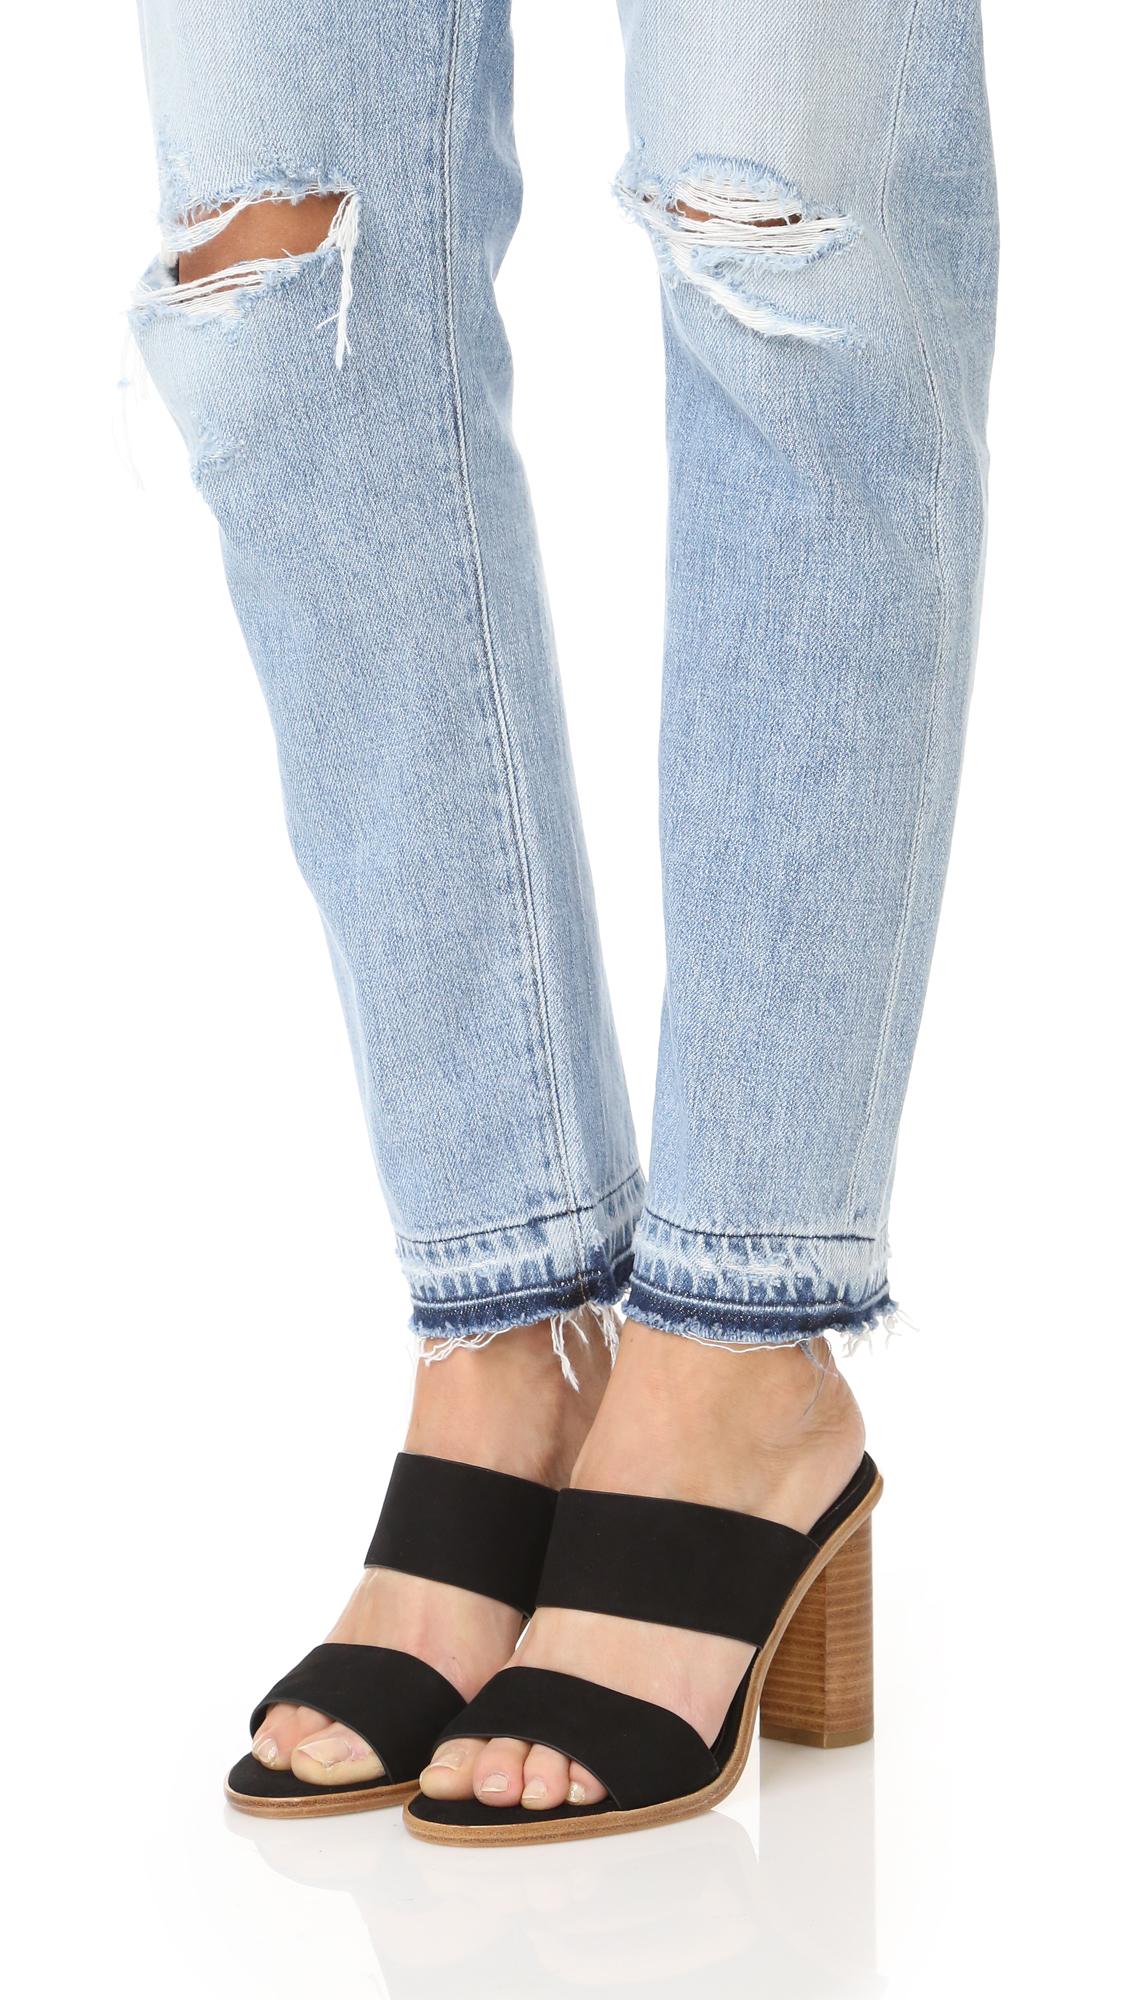 376c9bf748aa Joie Banner Heel Sandals